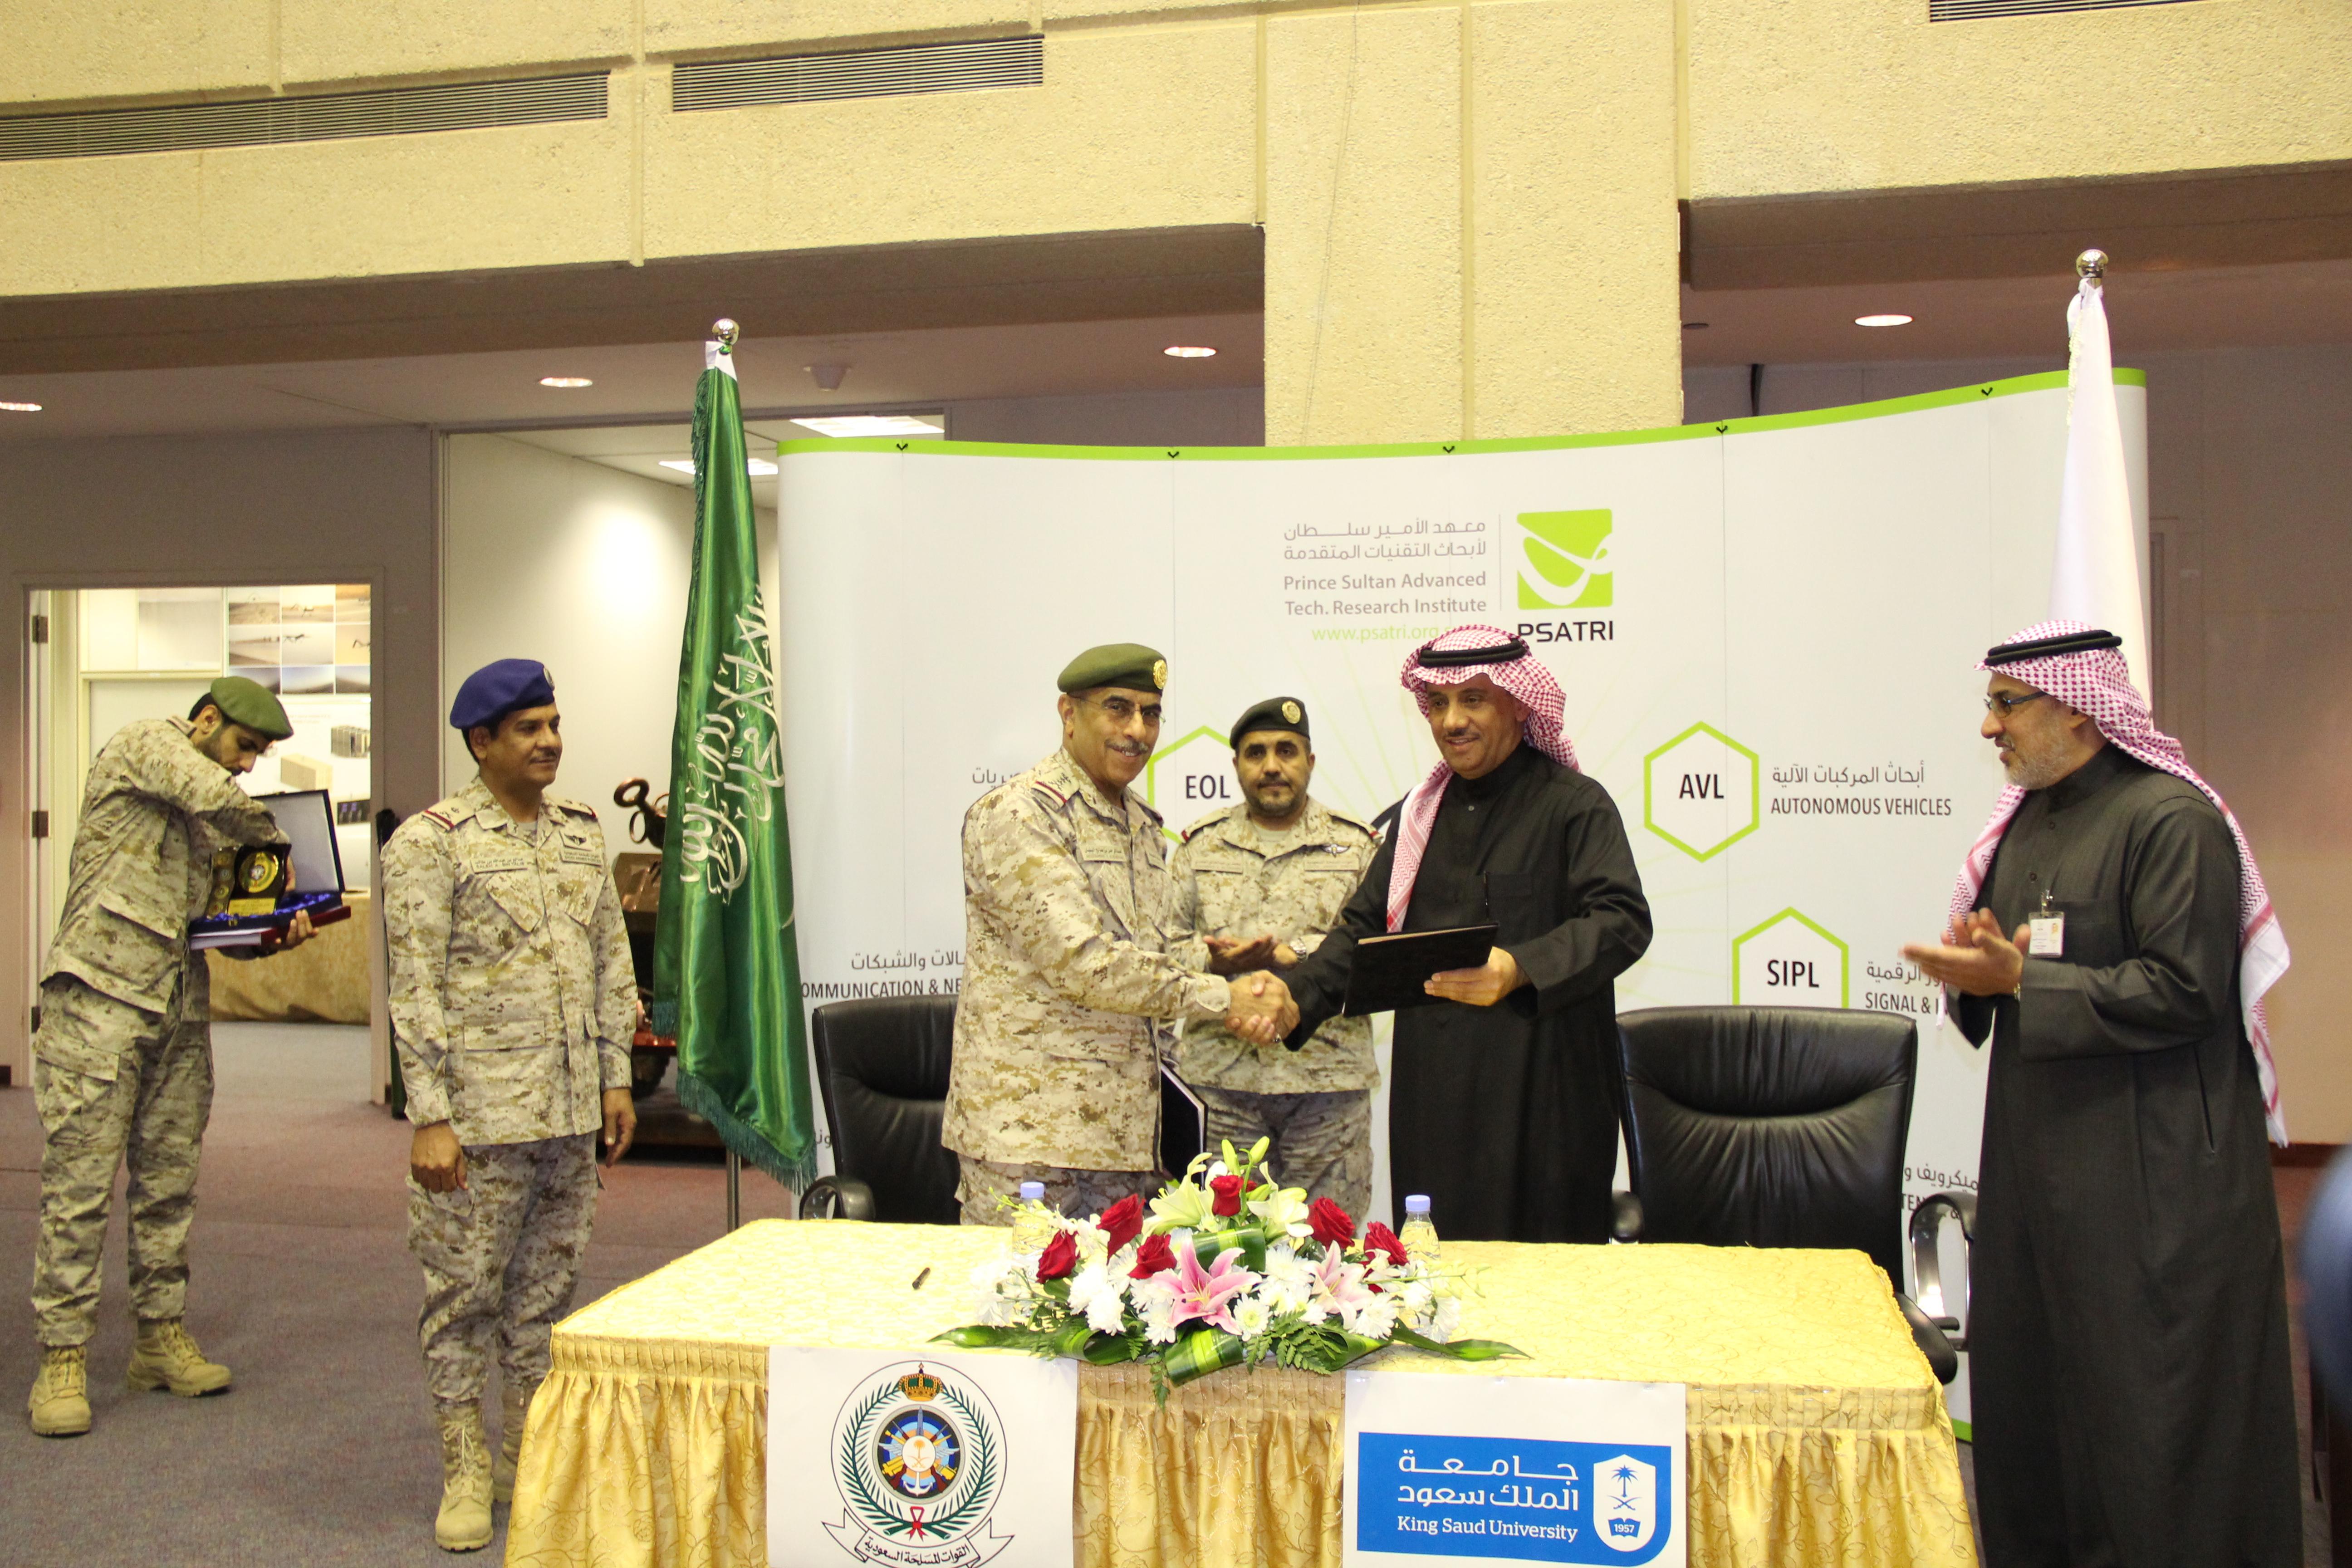 وزارة الدفاع وجامعة الملك سعود متمثلة في معهد الامير سلطان يوقعان مذكرة تفاهم في مجال الحرب الإلكترونية